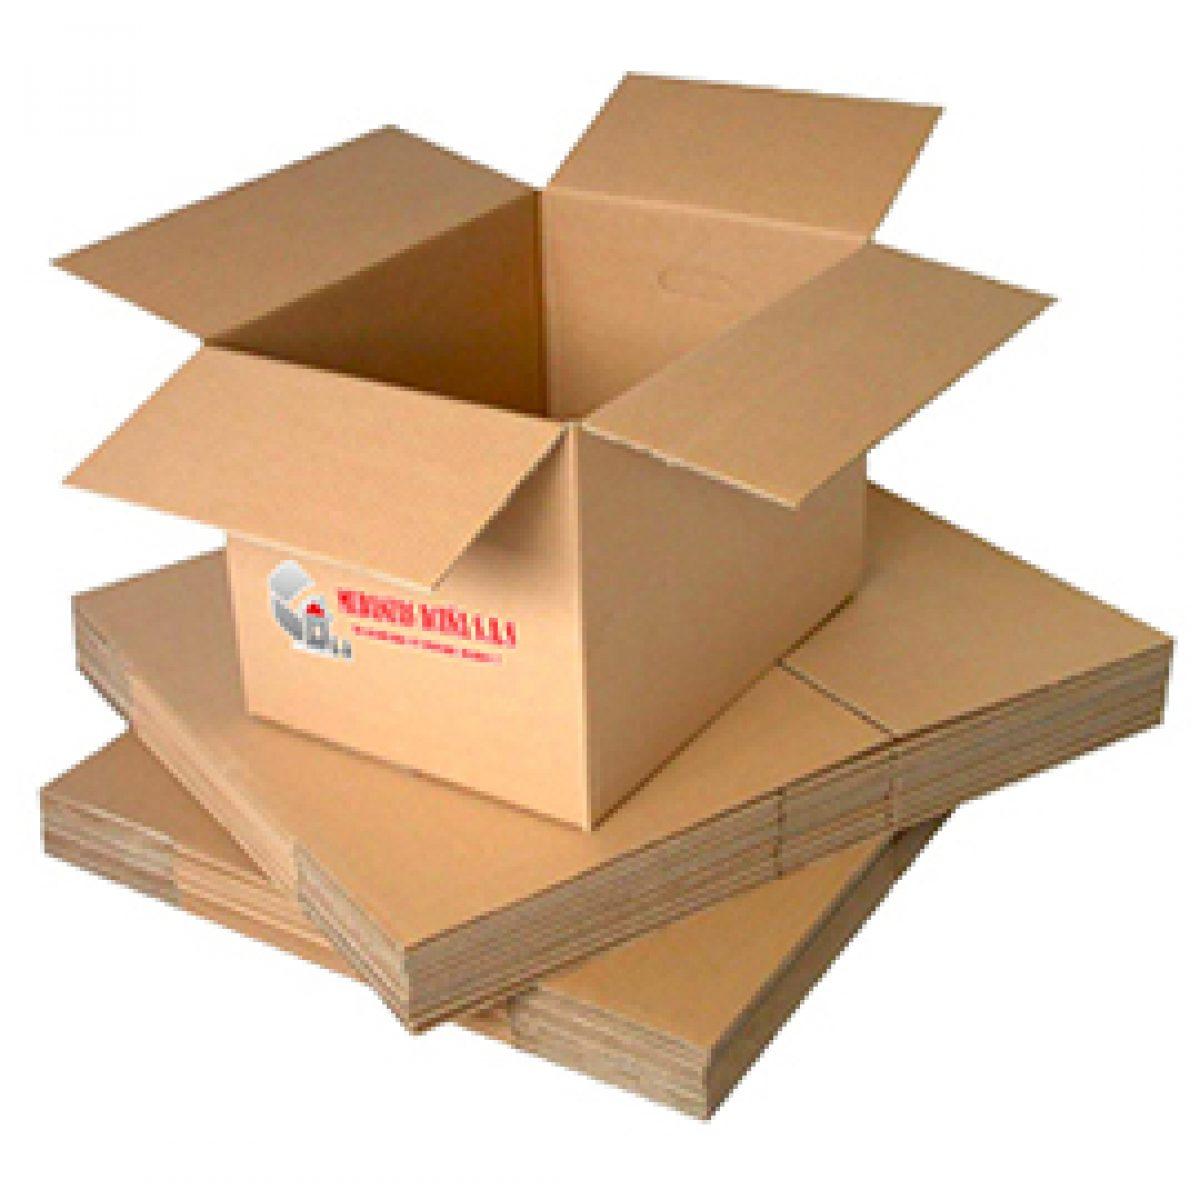 cajas para mudanza libros